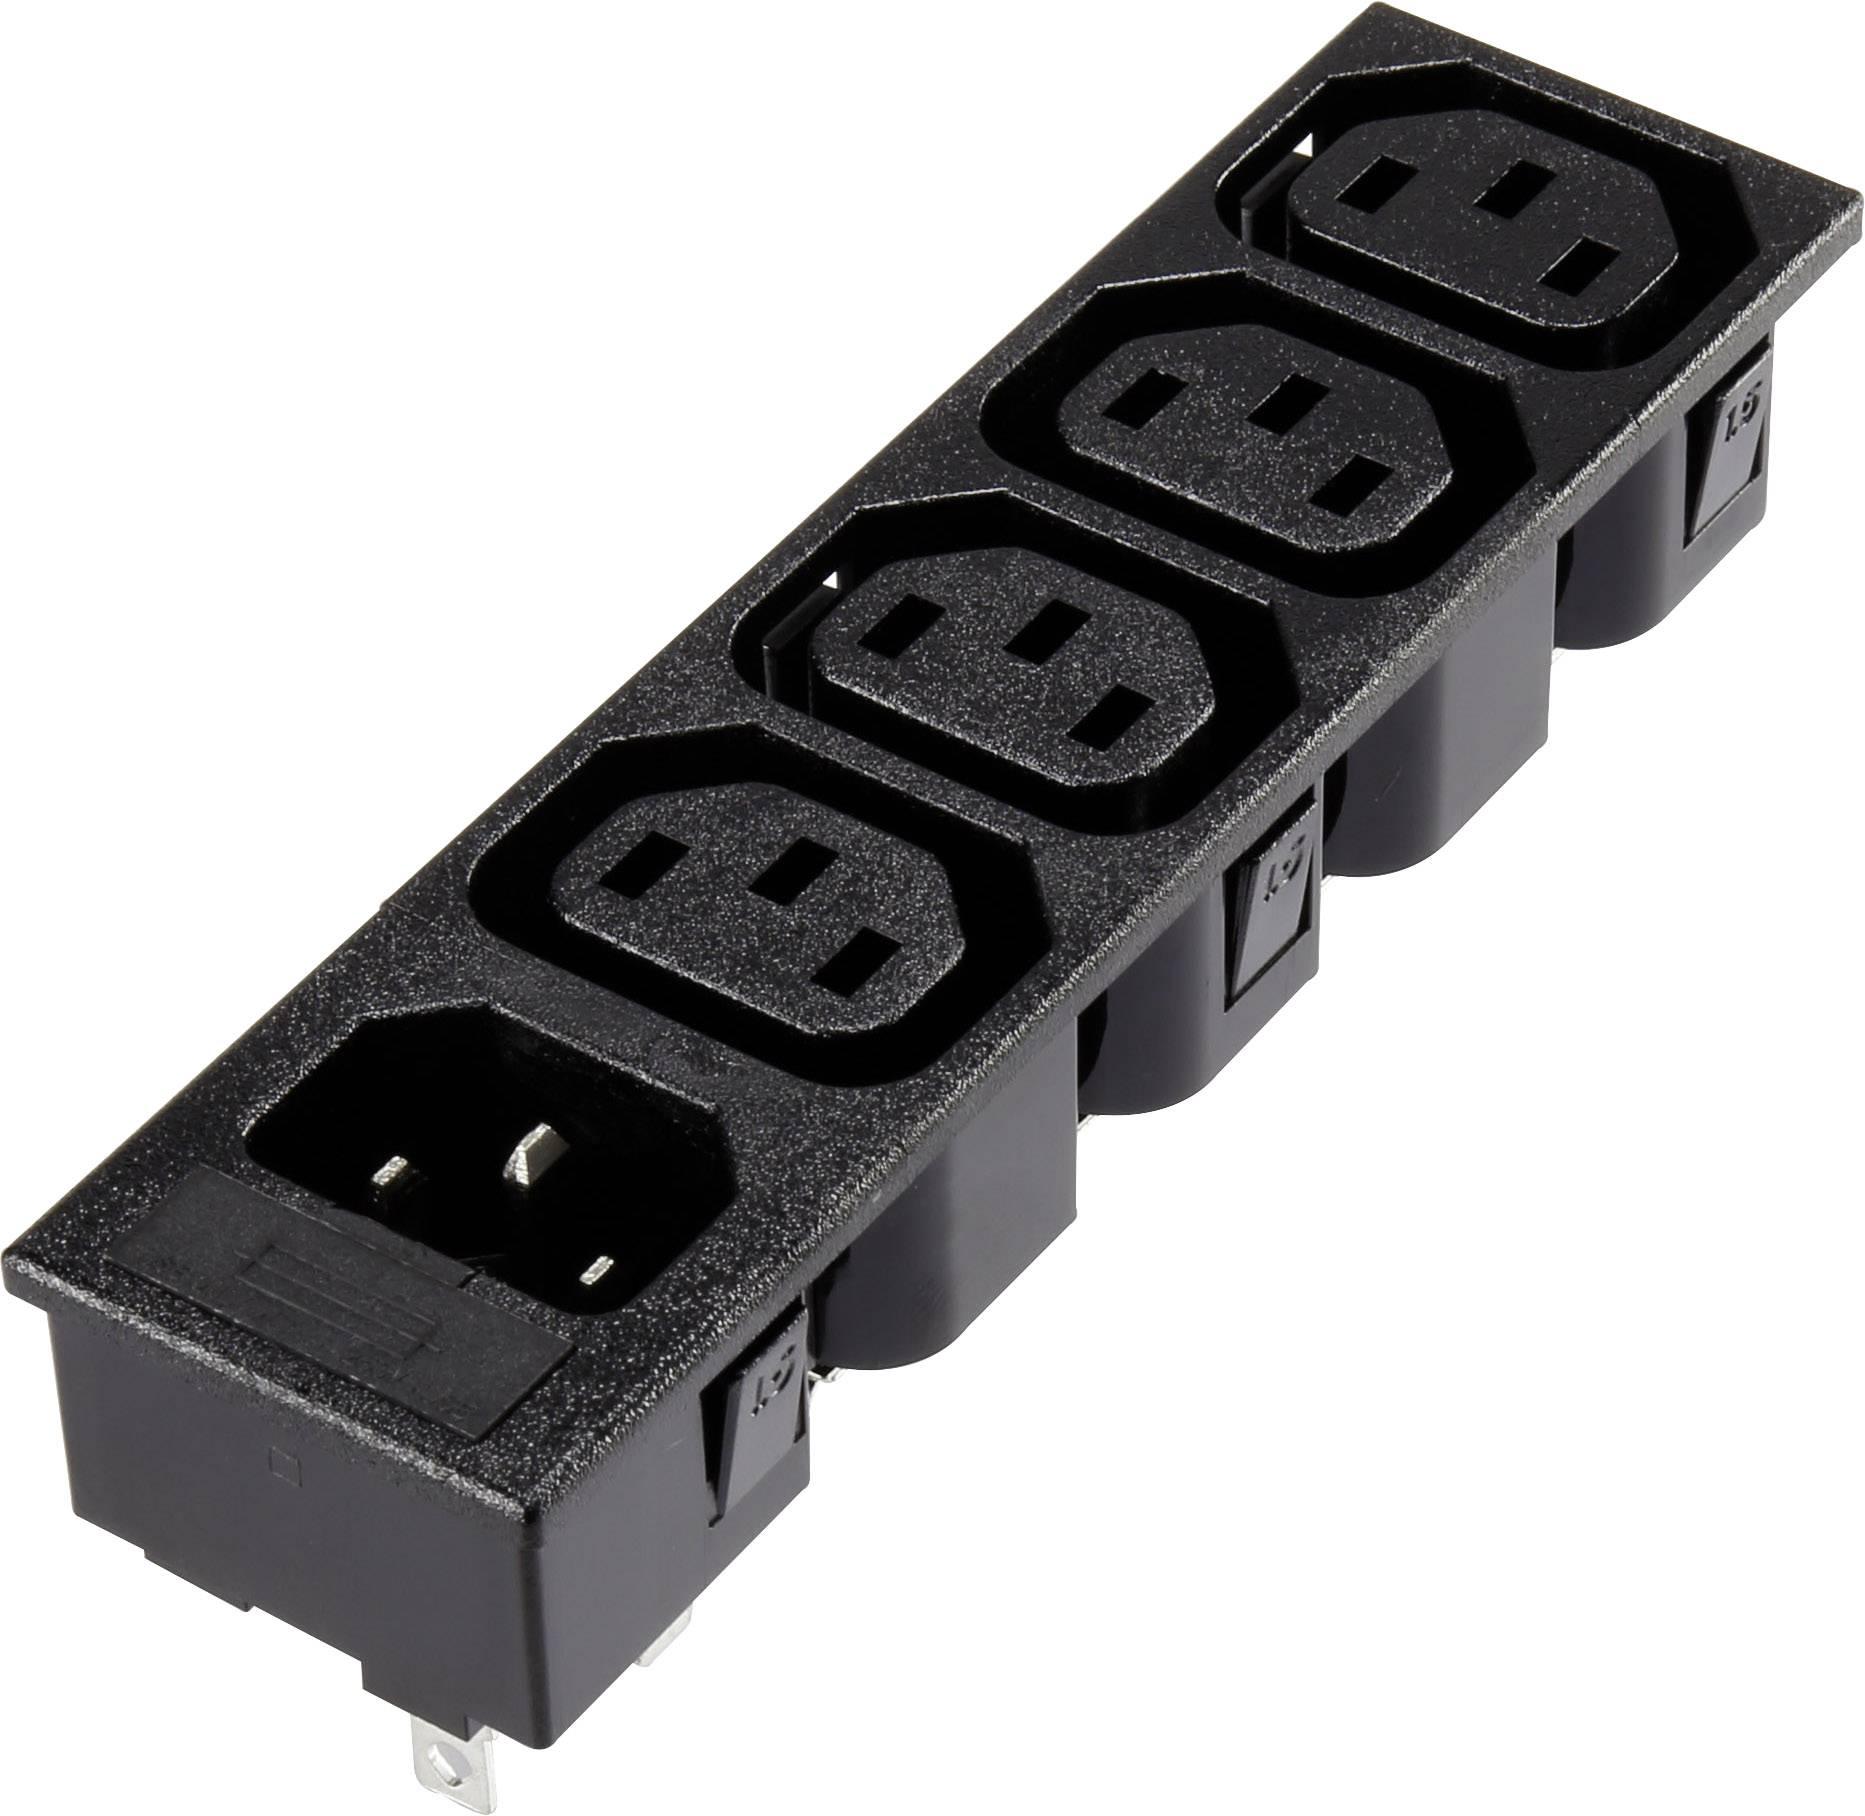 IEC zástrčka C13/C14 C13, zásuvka, vestavná vertikální, zástrčka, vestavná rovná, počet kontaktů: 2 + PE, 10 A, 250 V, černá, 1 ks